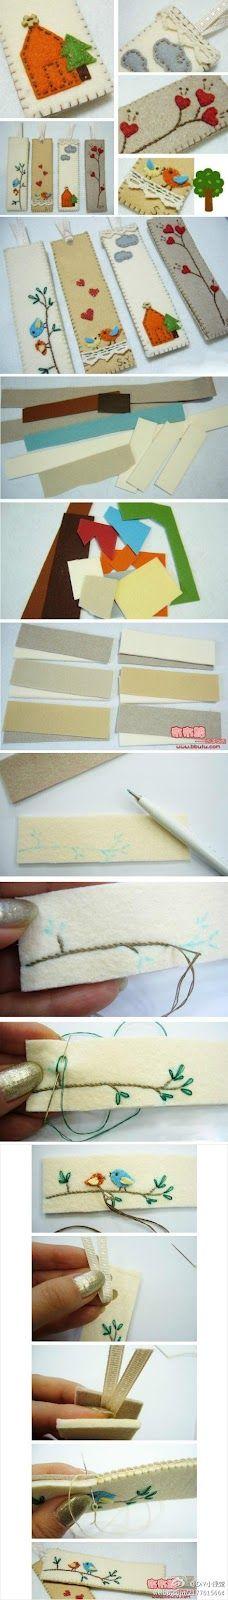 Moldes do Tessituras: Como Fazer Bordado em Feltro